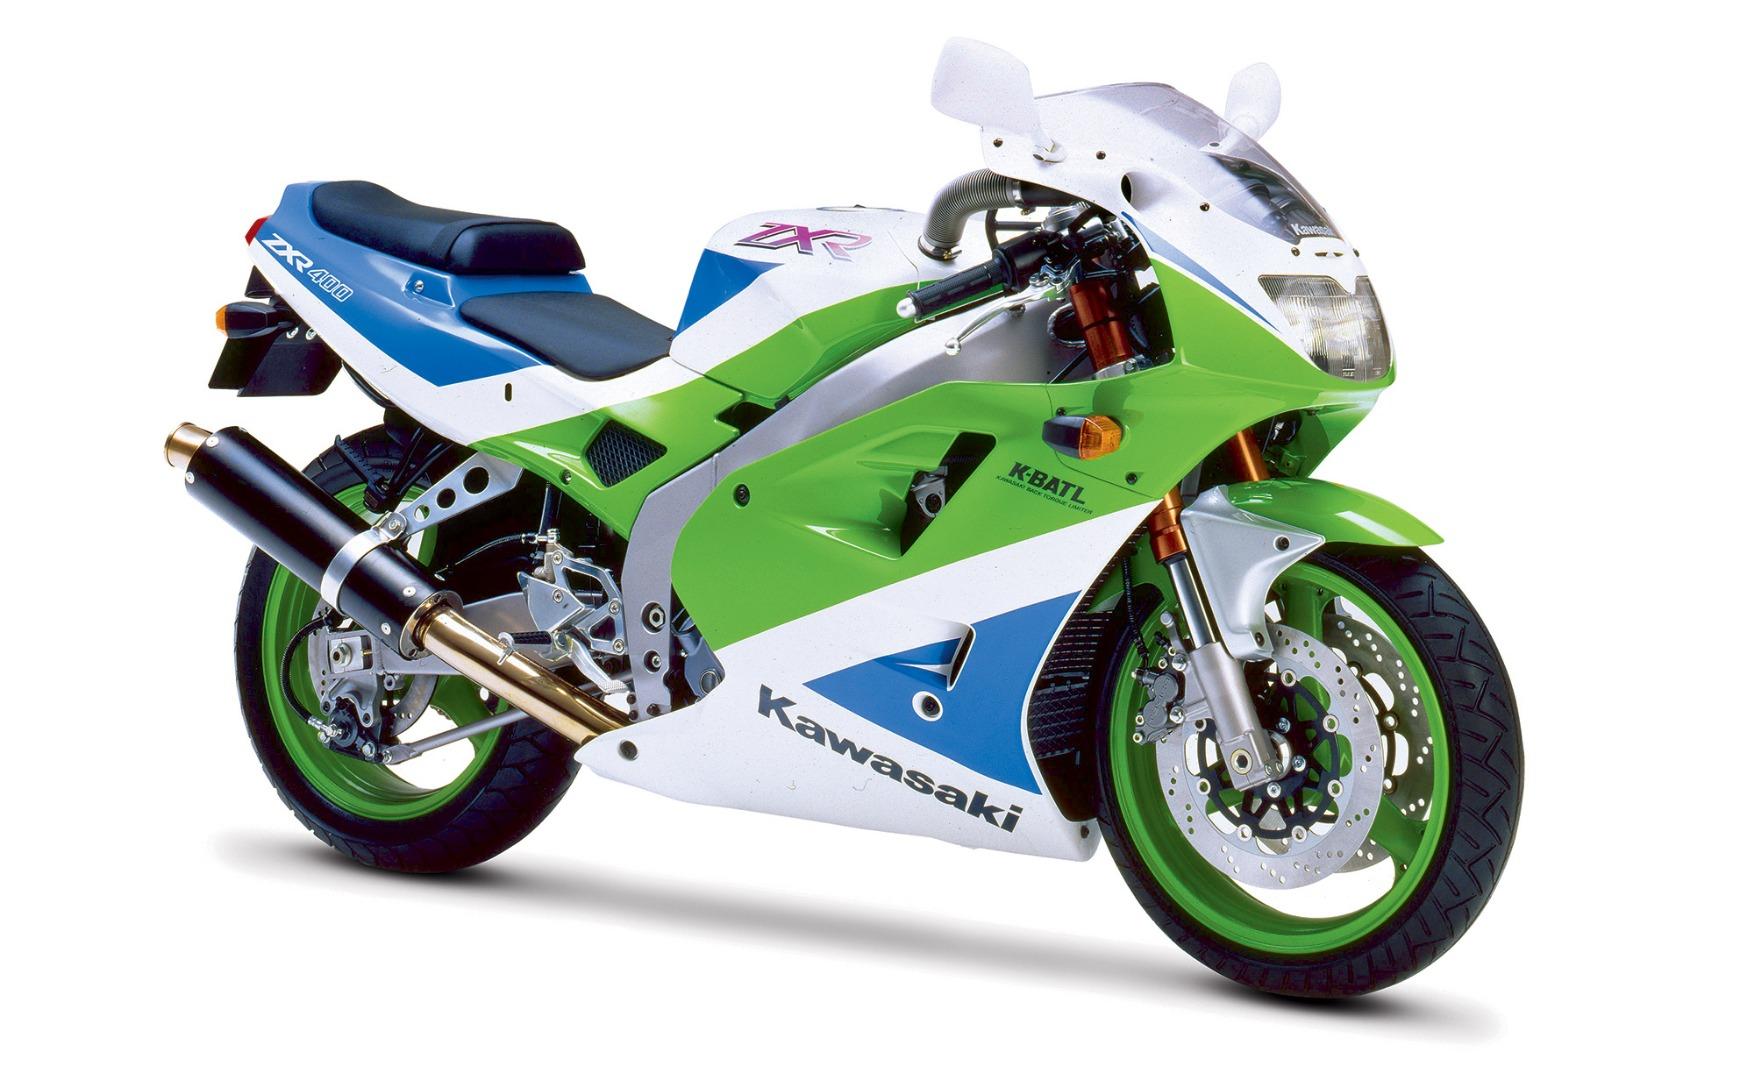 Kawasaki ZX-400R